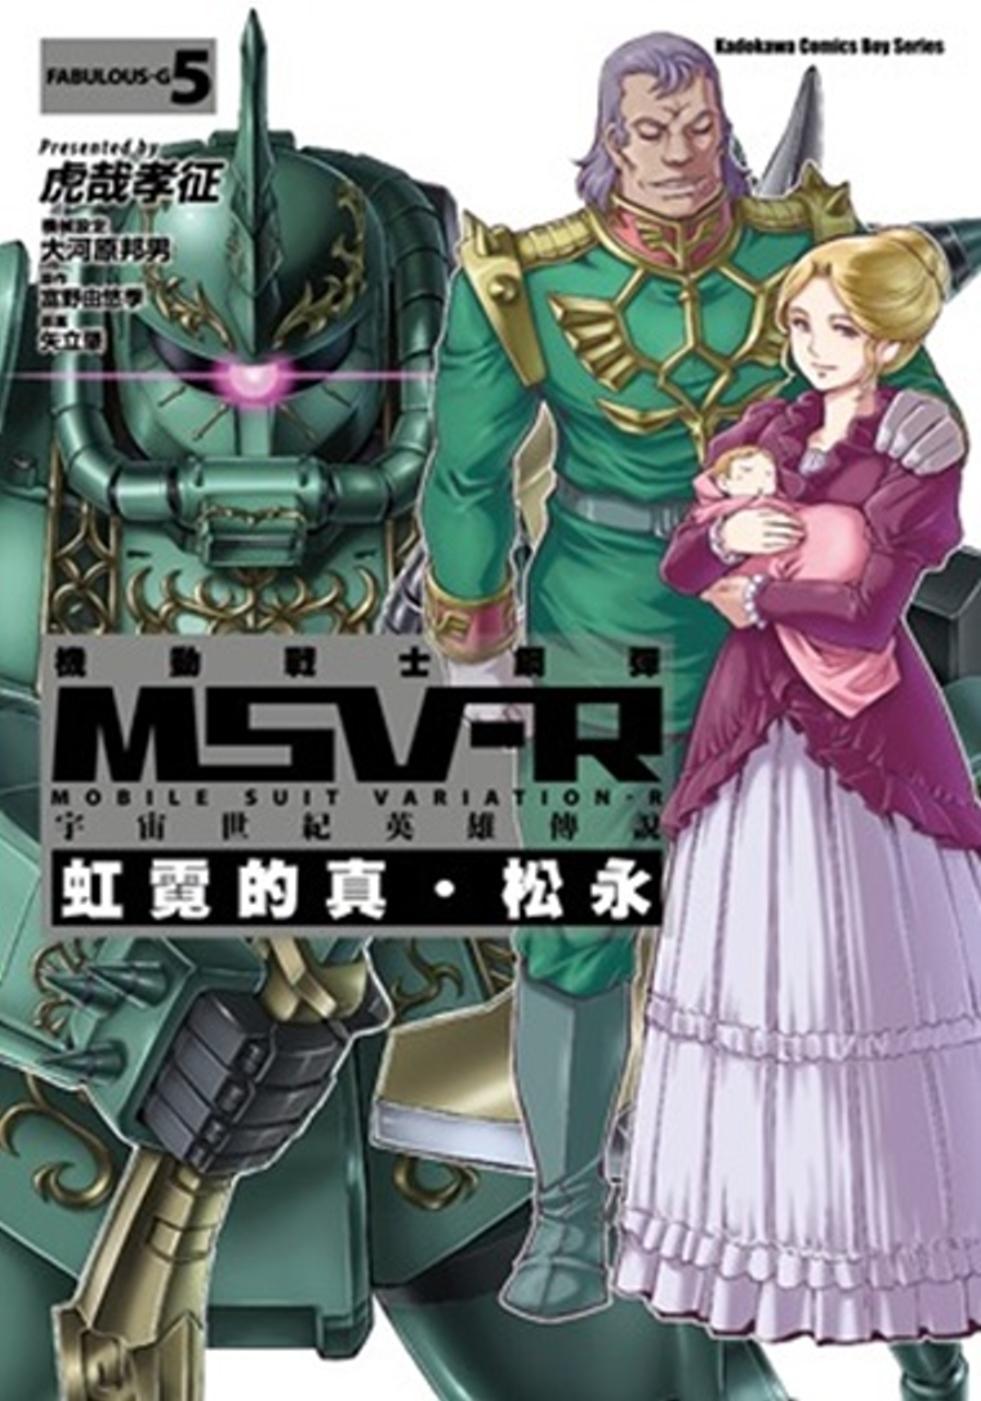 機動戰士鋼彈 MSV~R 宇宙世紀英雄傳說 虹霓的真‧松永 05